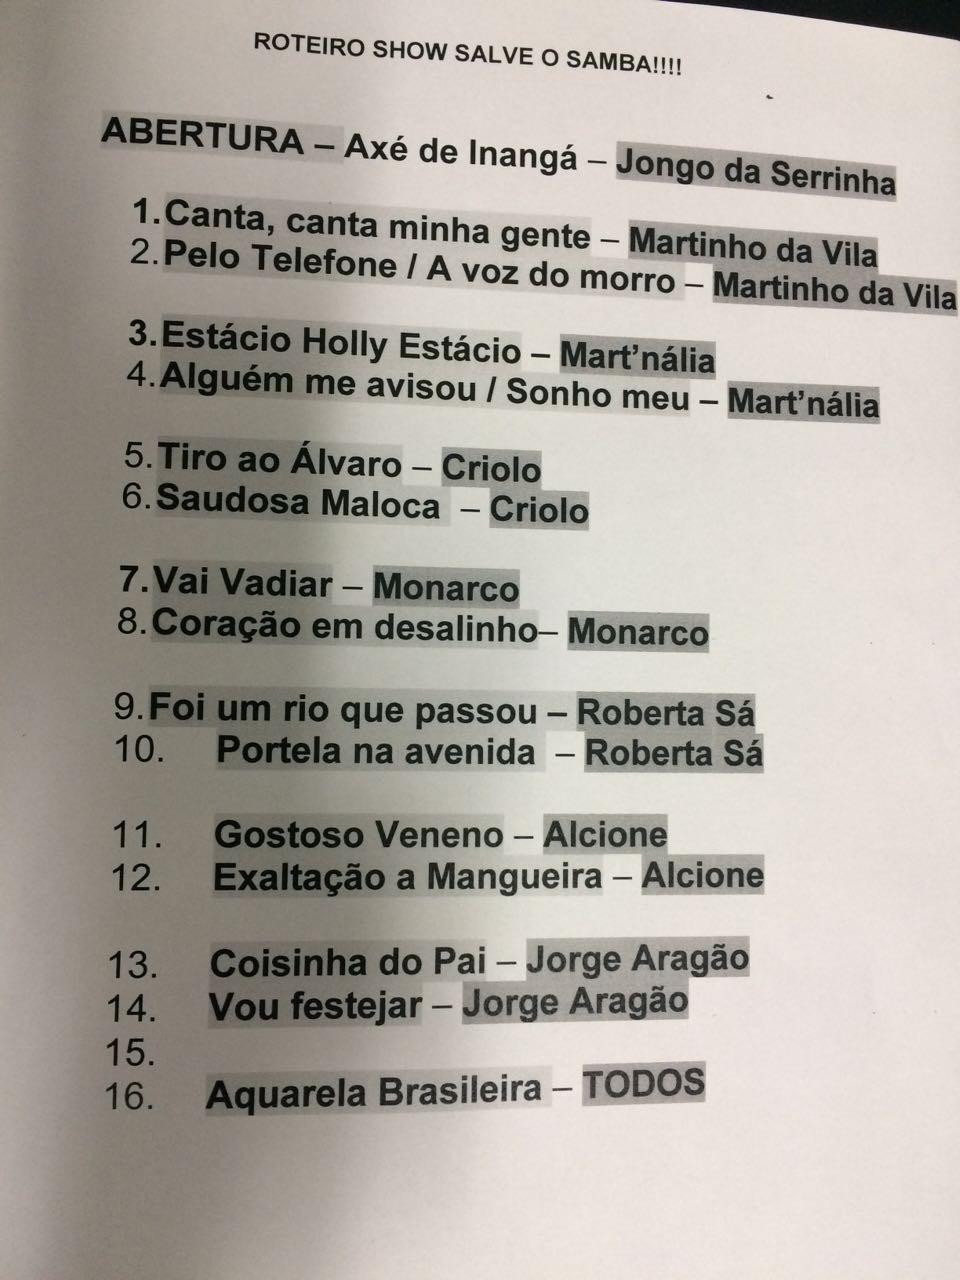 Setlist do show Salve o Samba! (Foto: Reproduo)